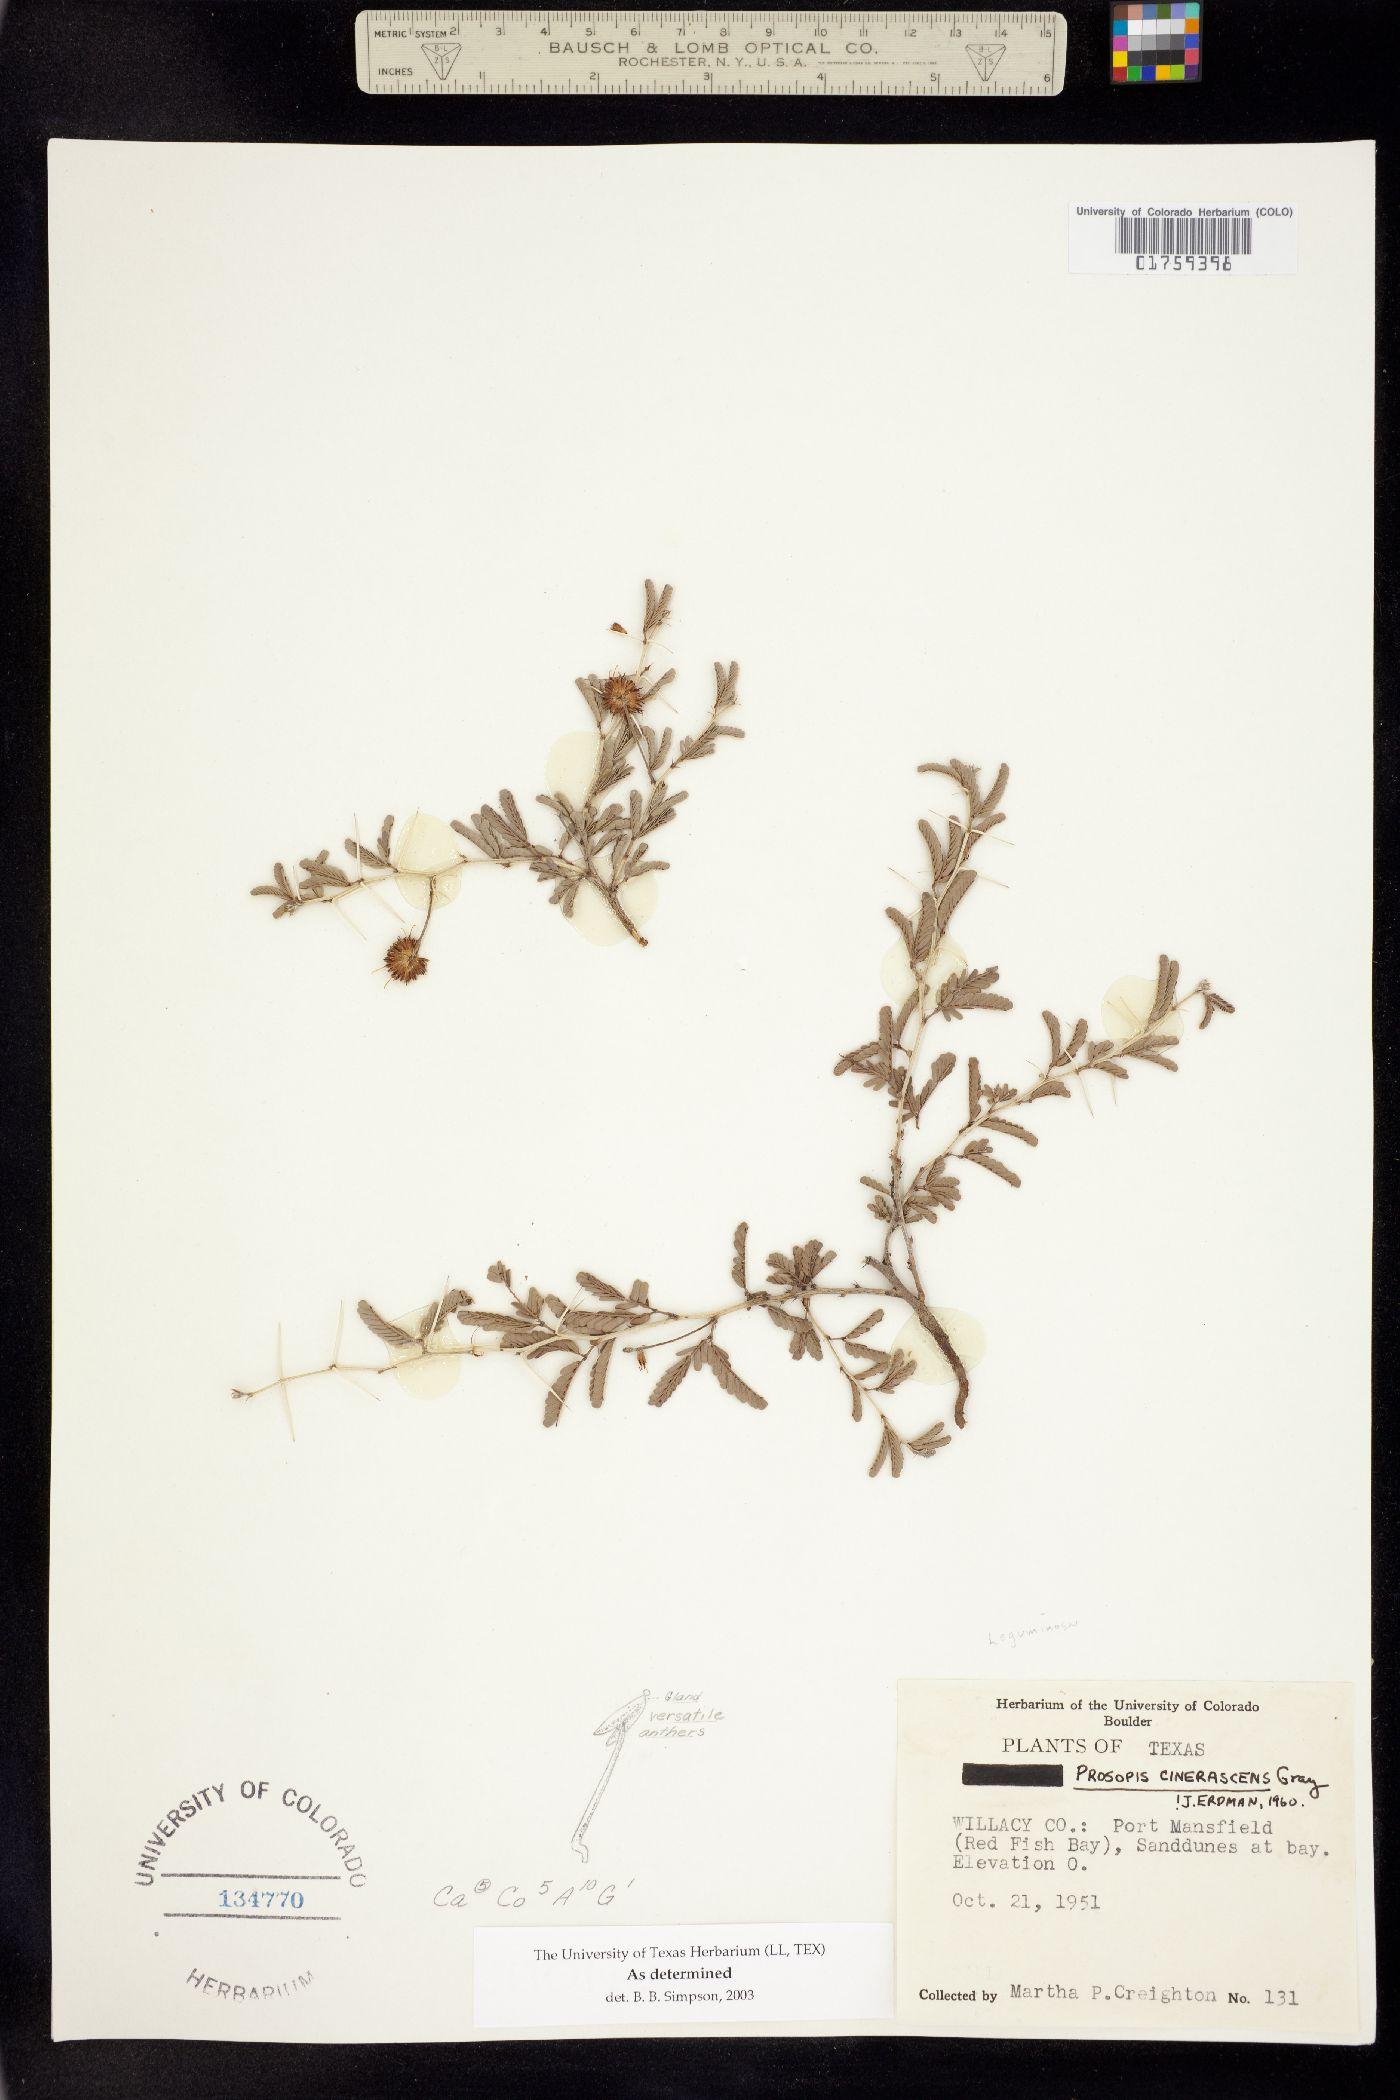 Prosopis cinerascens image